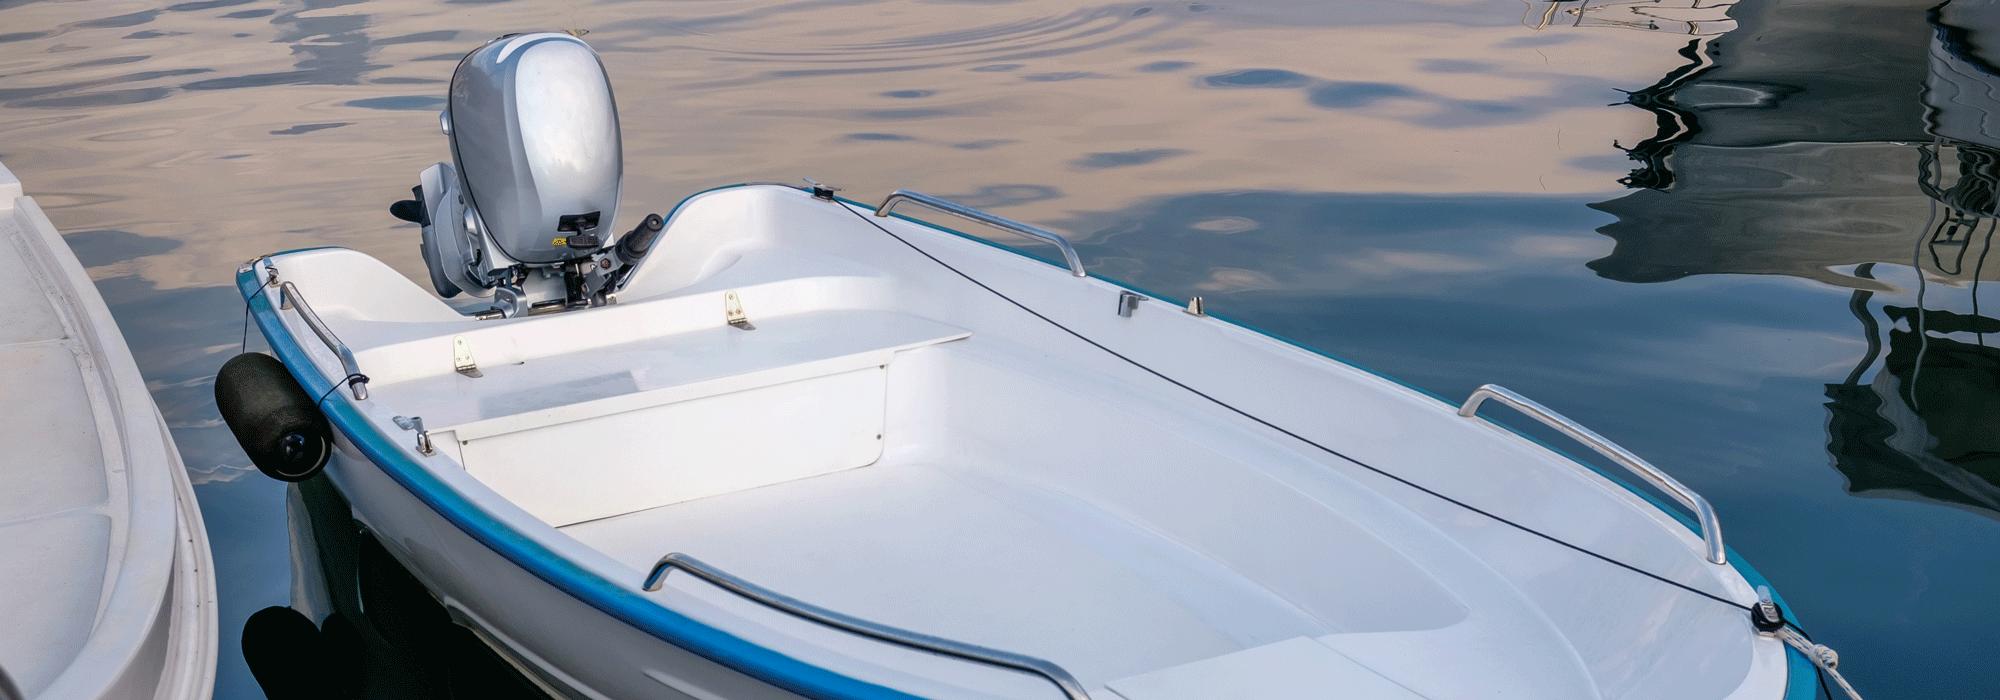 Quel bateau choisir pour naviguer en mer?